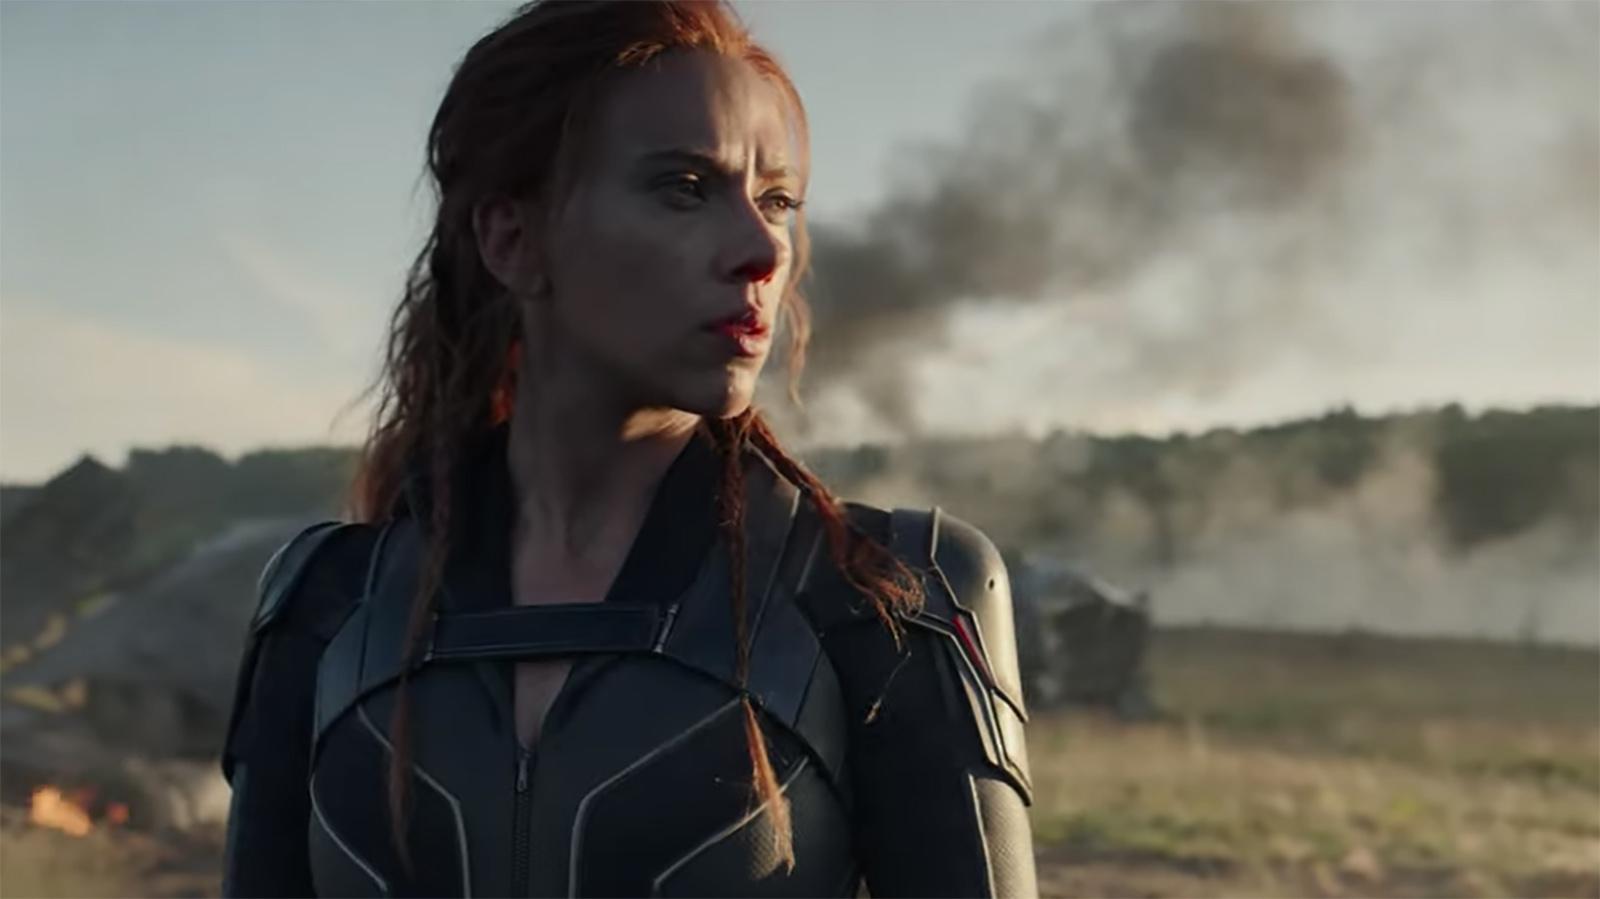 Picture of Scarlett Johansson as Black Widow